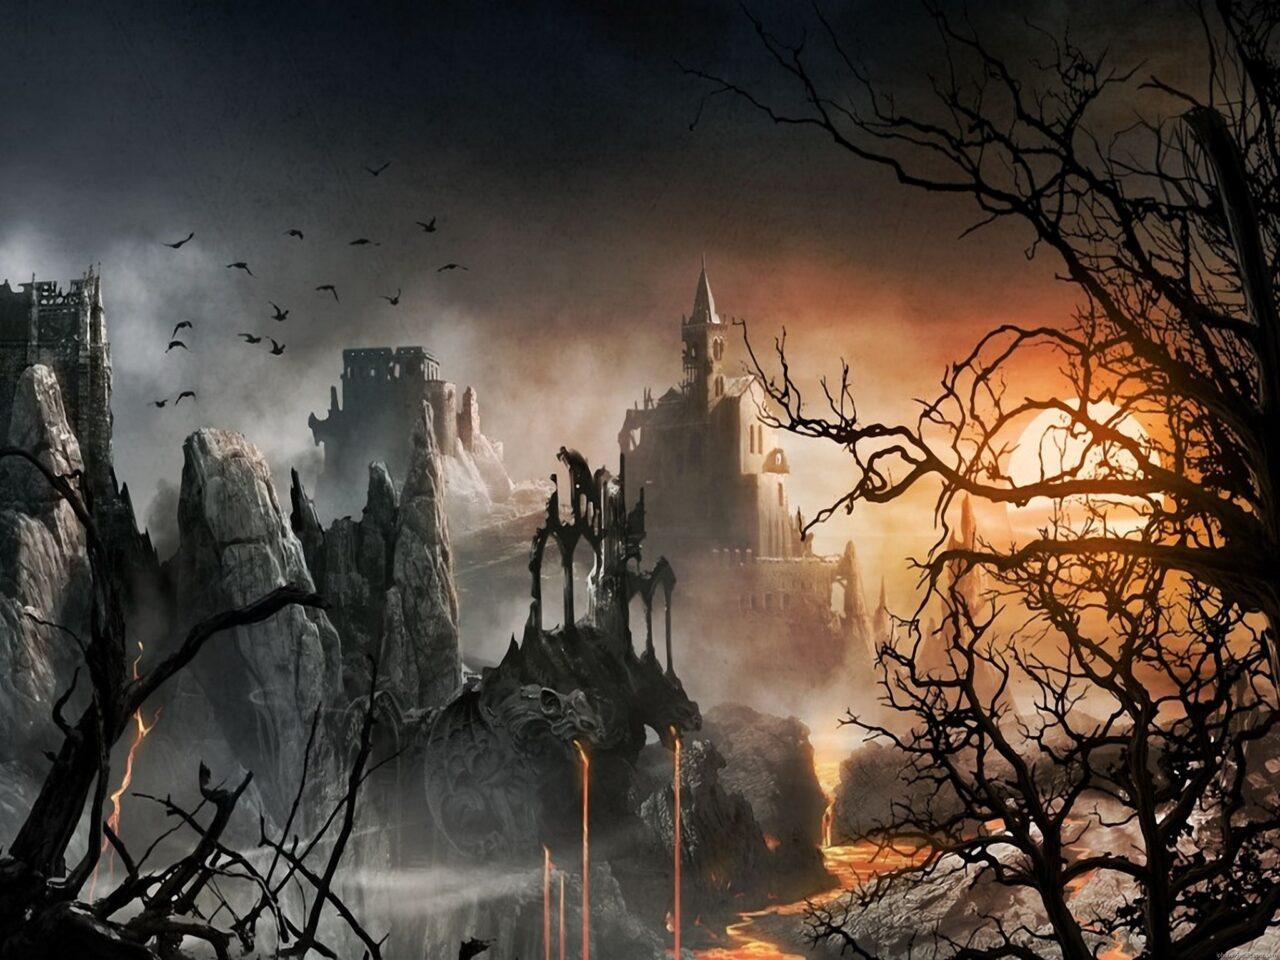 30-301541_shadowfell-fantasy-art-1280x960.jpg